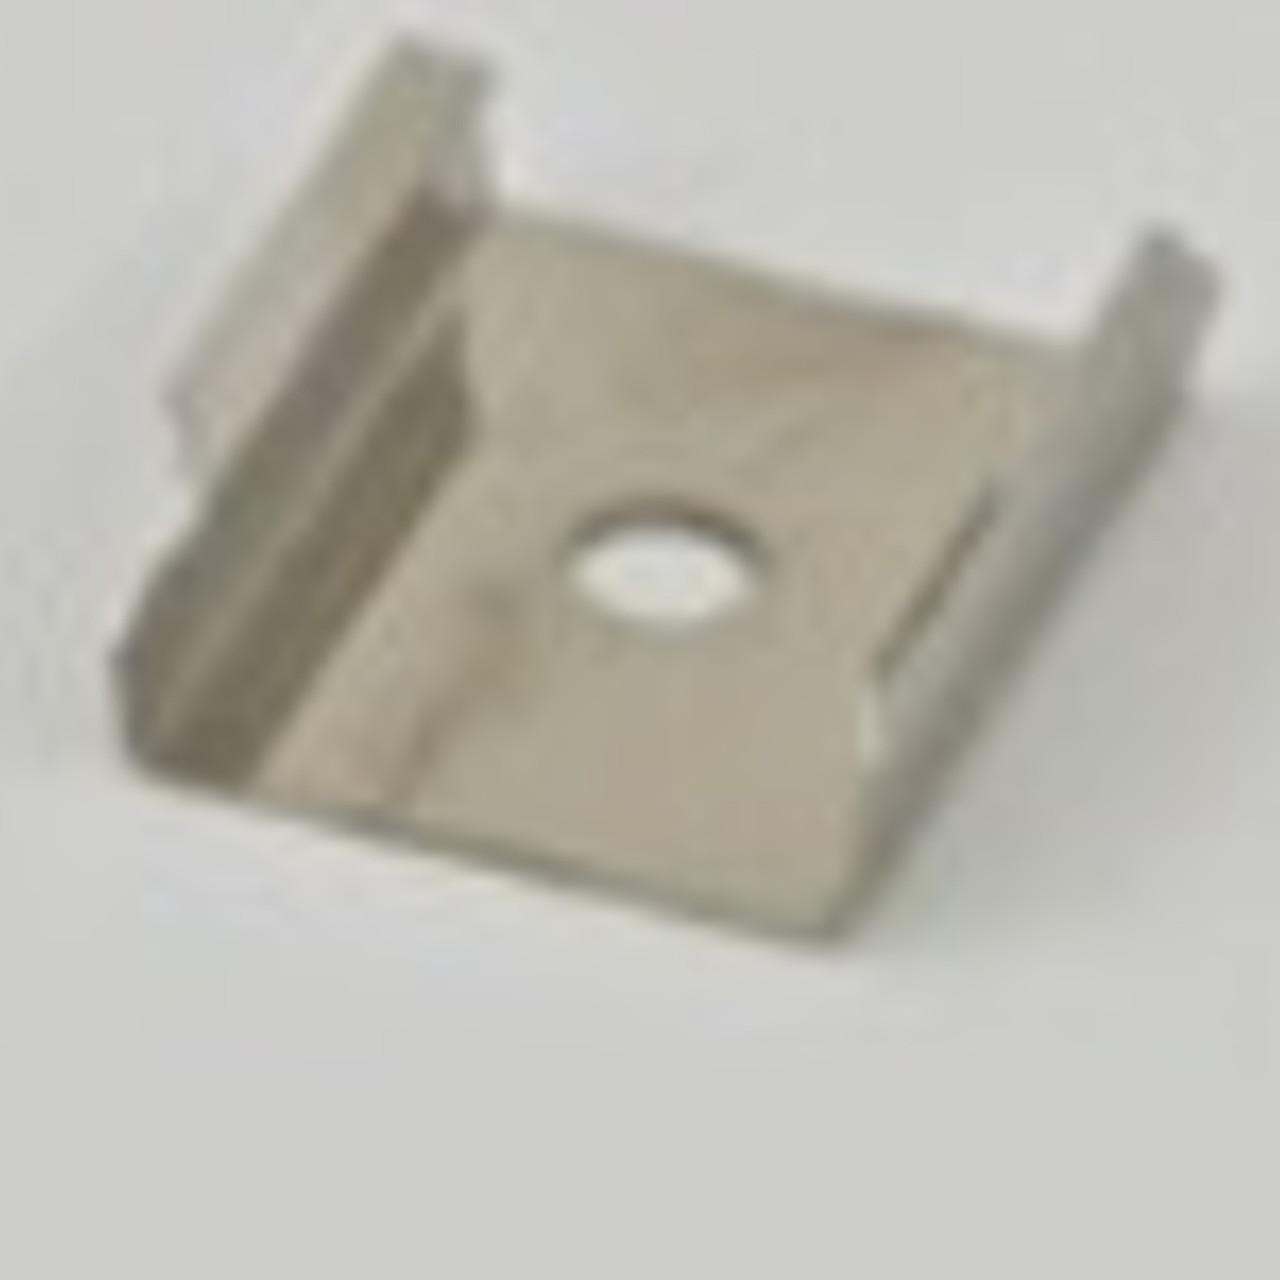 Крепеж соединительный (MX 12x7)